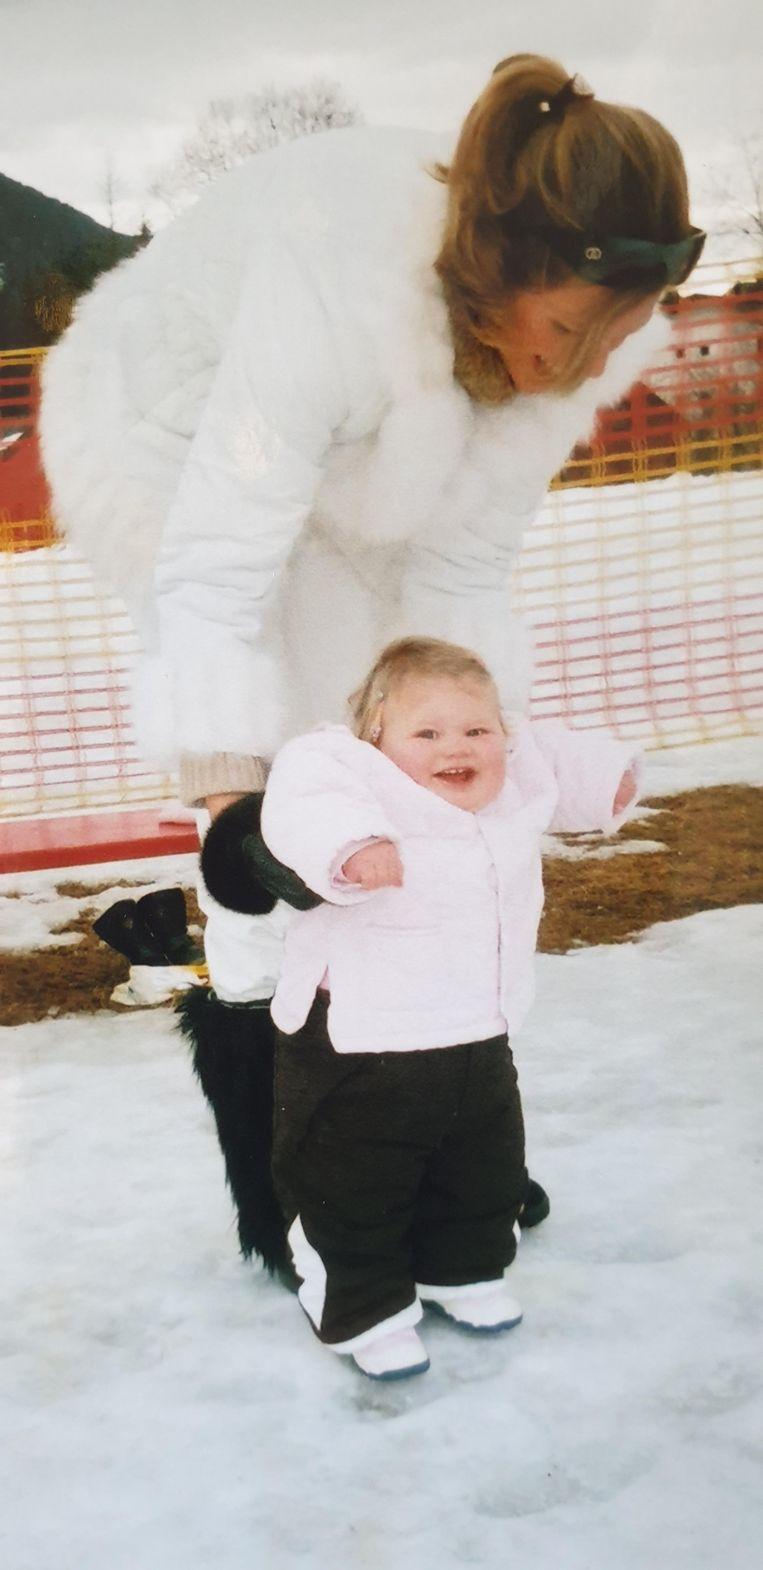 Alexandra op 1-jarige leeftijd in de sneeuw. Beeld Privébeeld